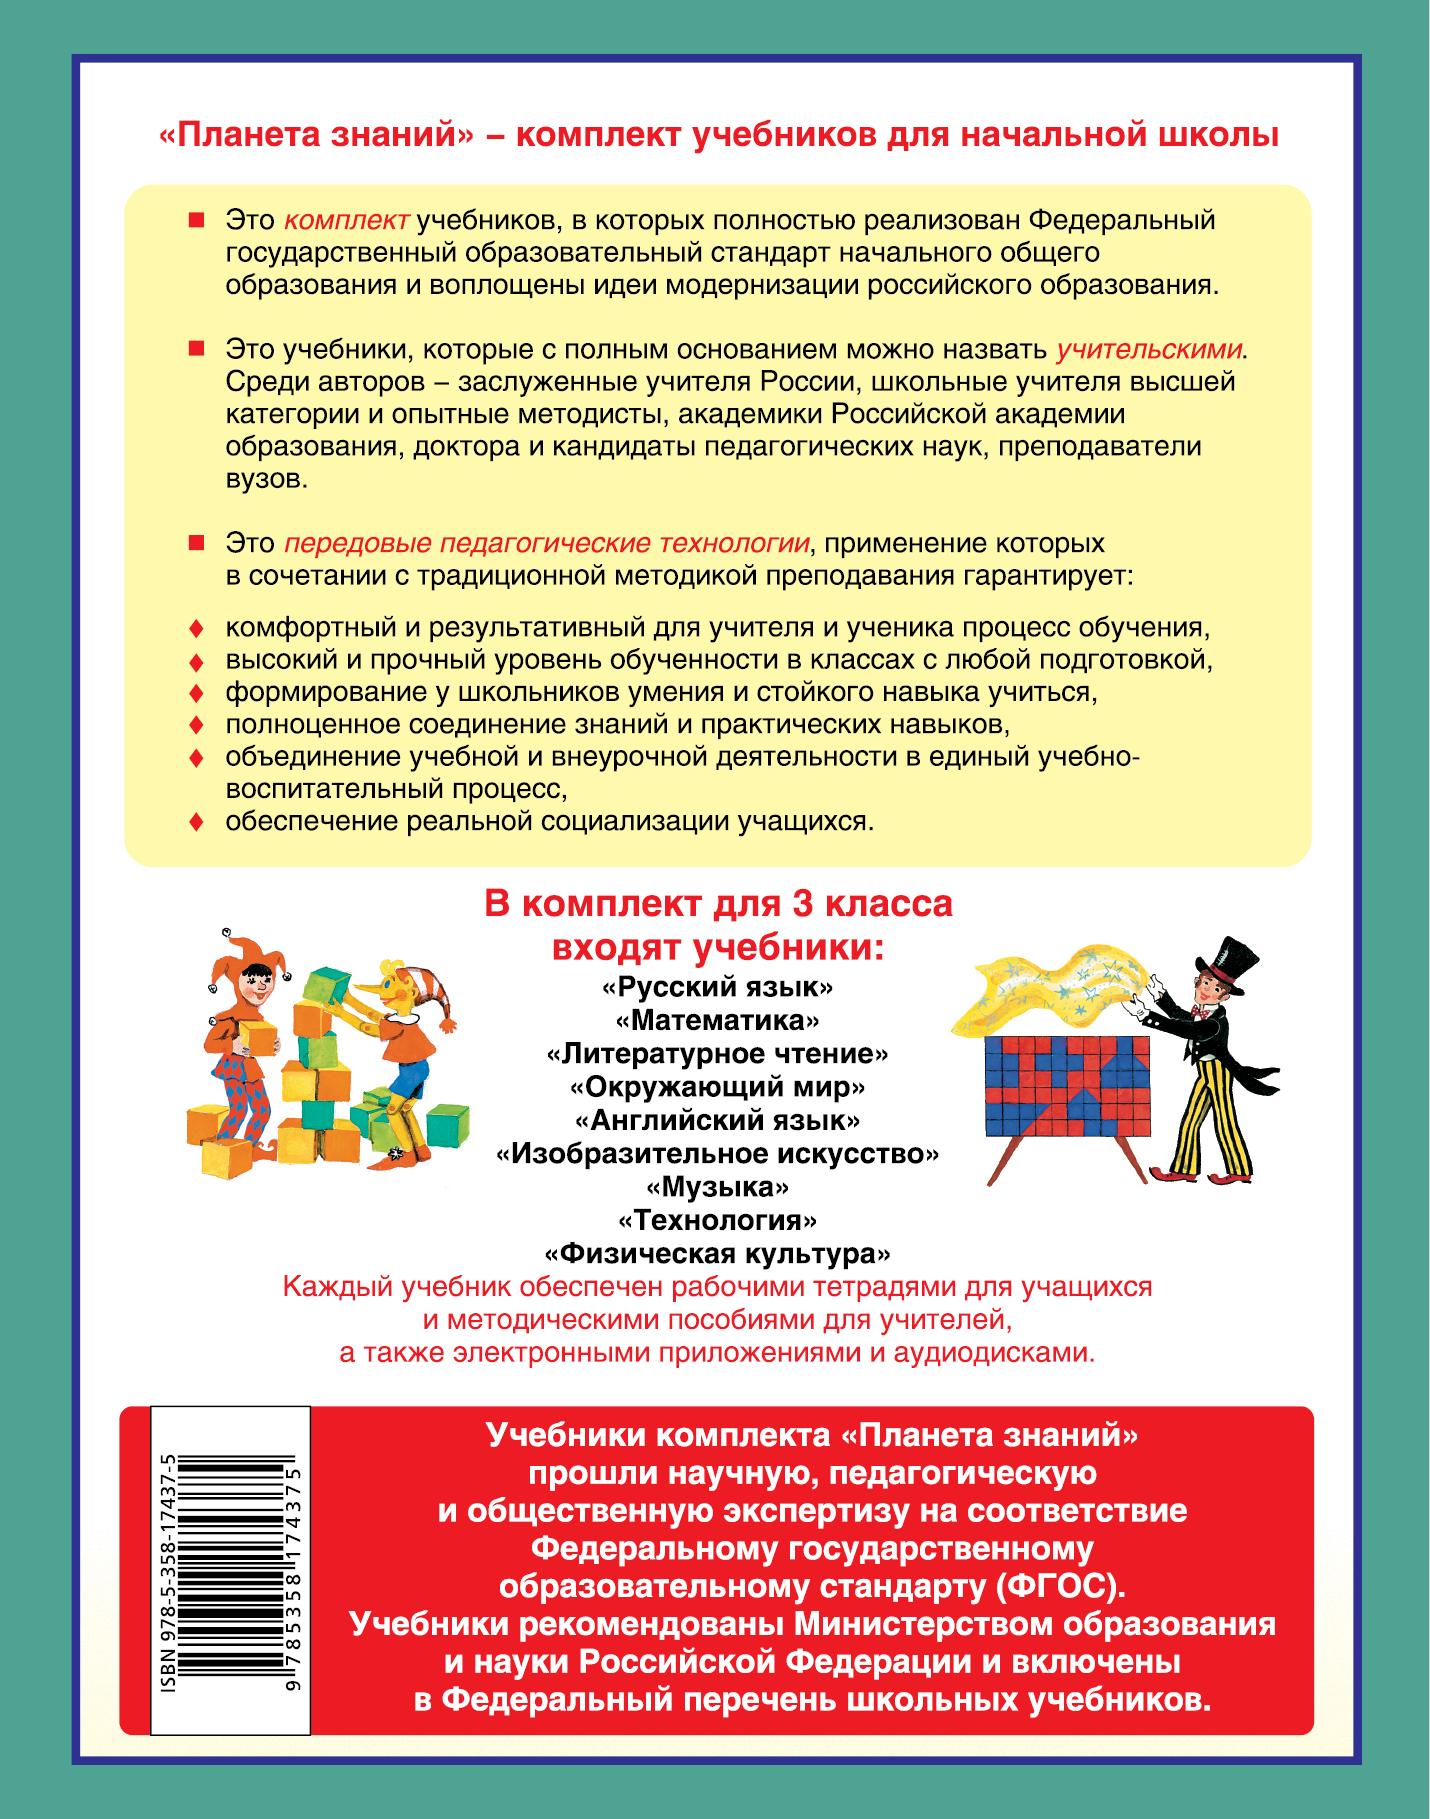 Математика. 3 класс. Контрольные и диагностические работы. К учебнику М. И. Башмакова, М. Г. Нефедовой